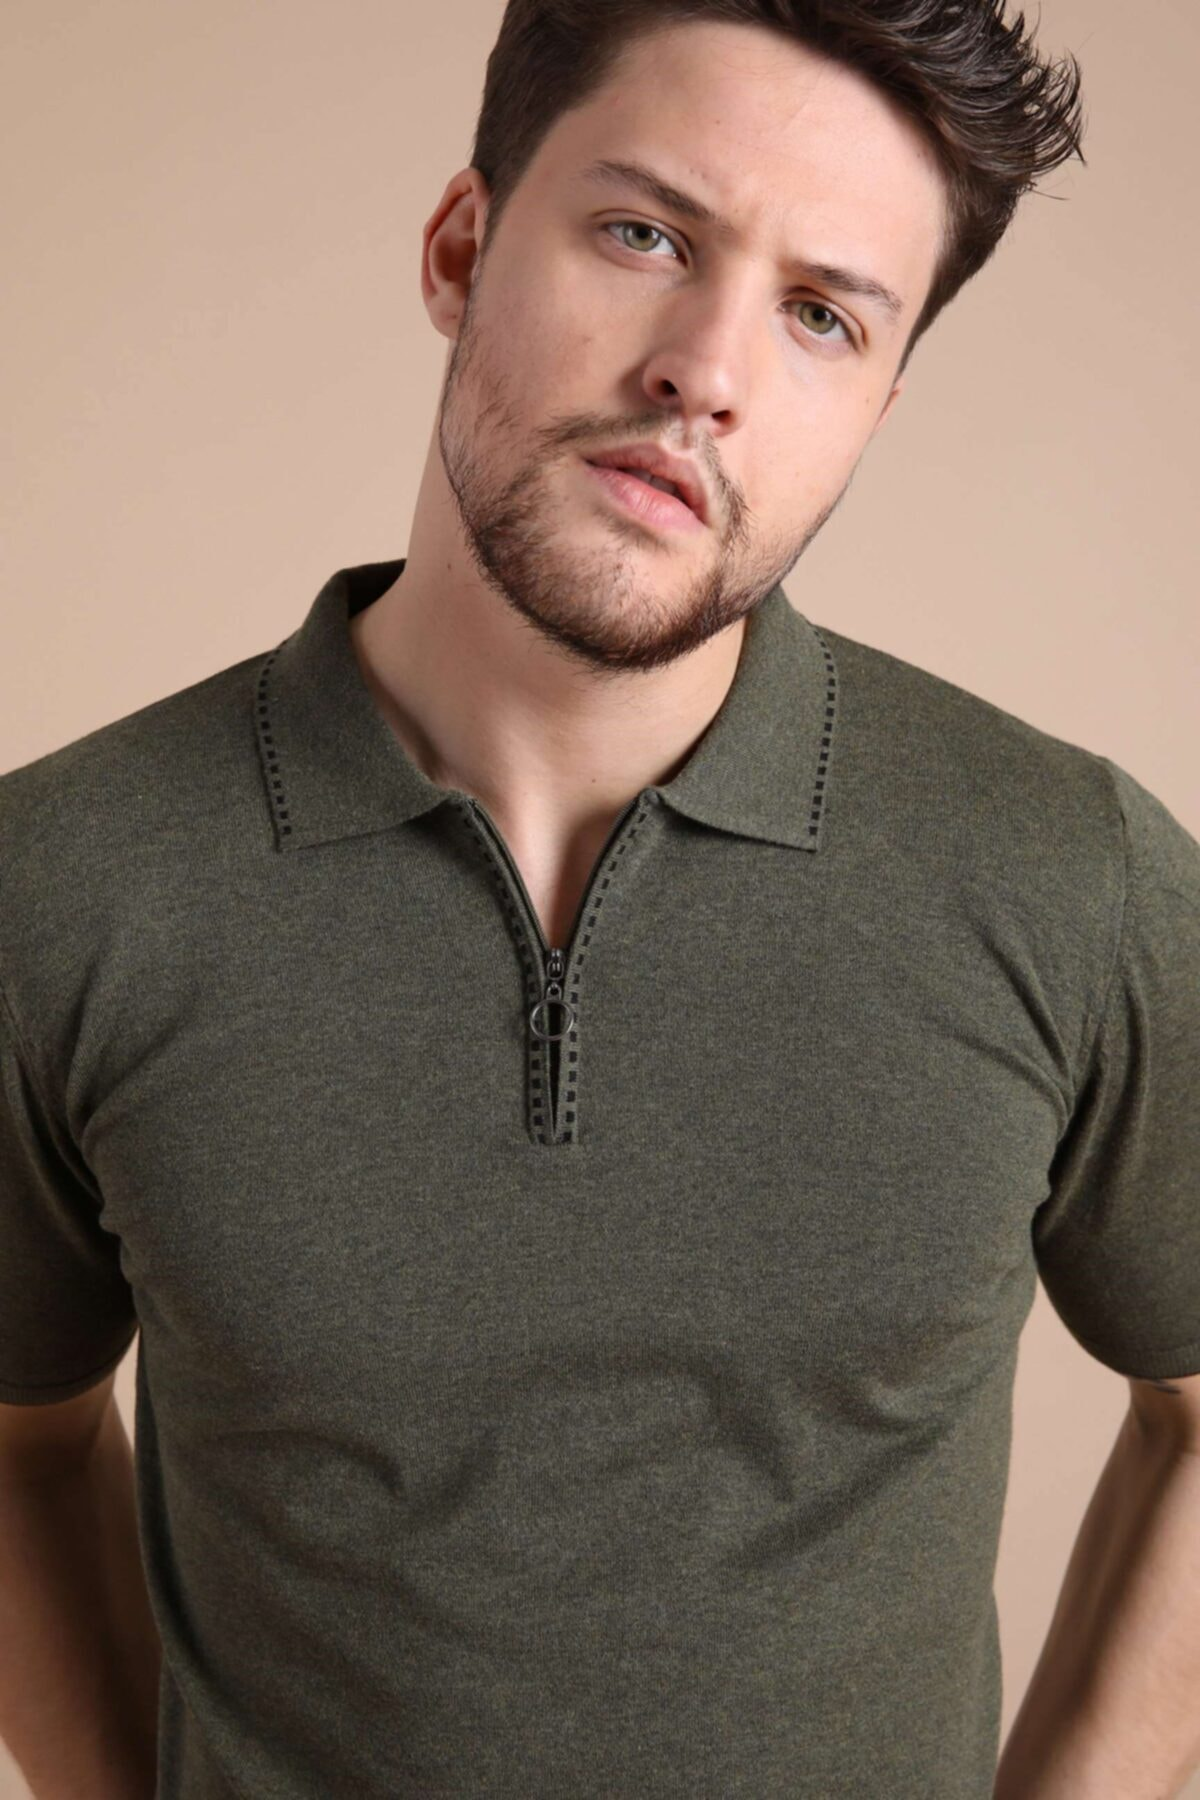 Erkek Haki Polo Yaka Fermuarlı Pamuk Triko T-shirt